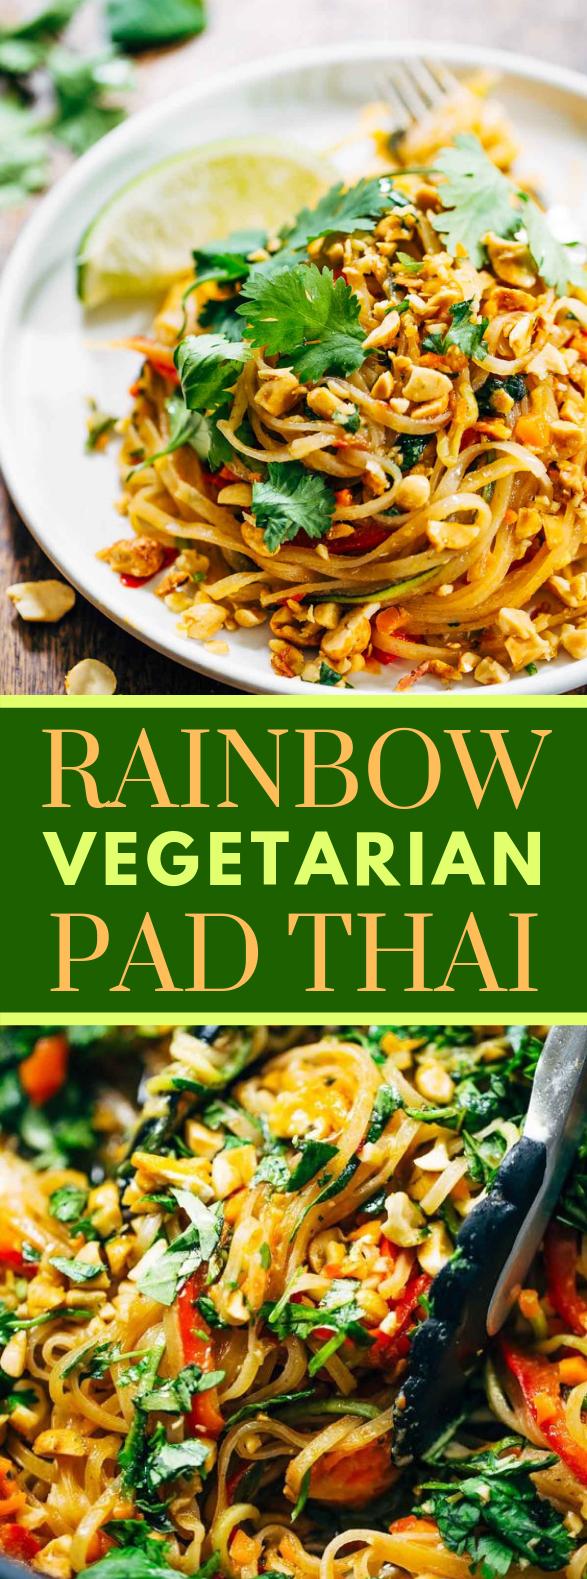 Rainbow Vegetarian Pad Thai with Peanuts and Basil #glutenfree #foodrecipes